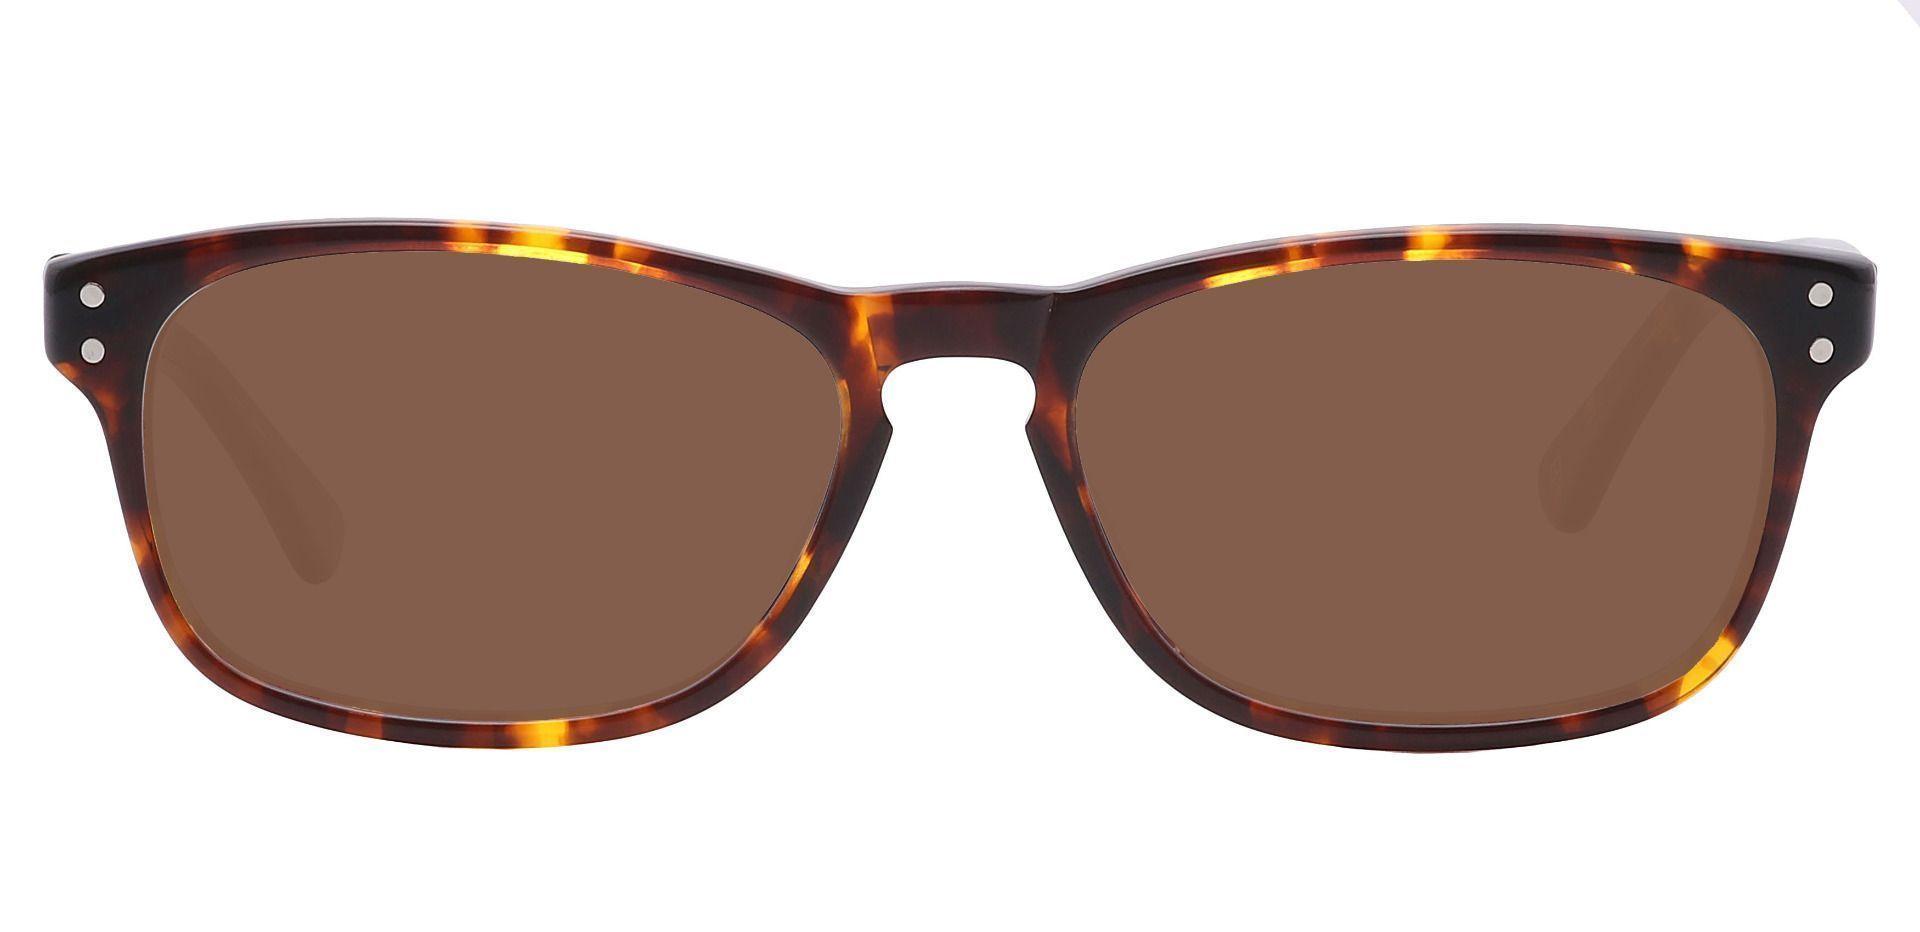 Morris Rectangle Reading Sunglasses - Tortoise Frame With Brown Lenses